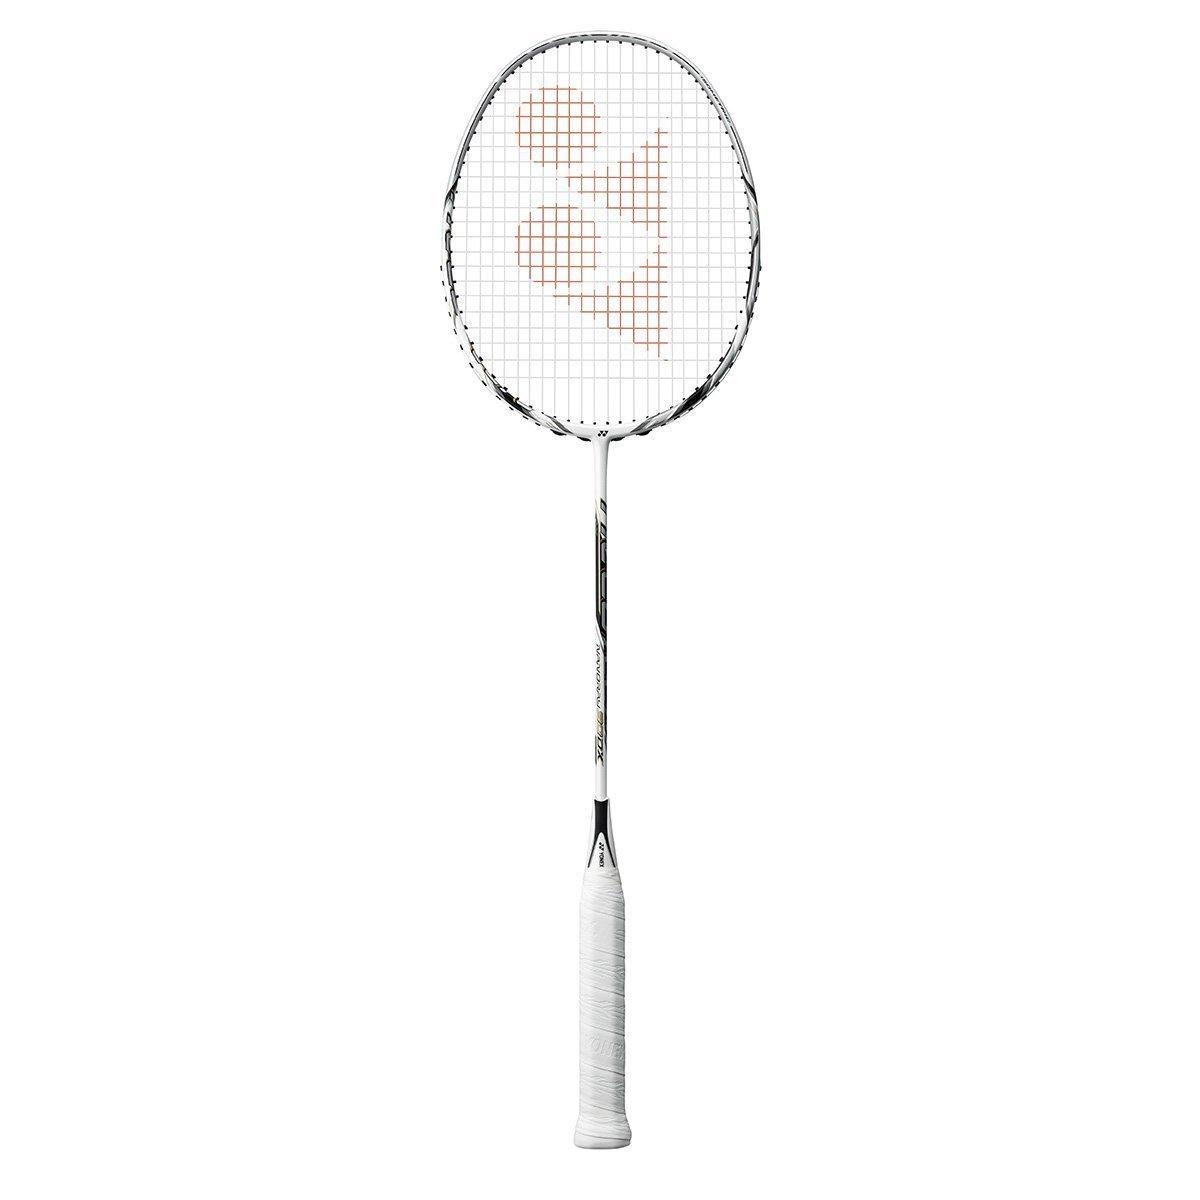 Yonex NanoRay 90 DX Badminton Racquet (4U,G5) - White/Silver